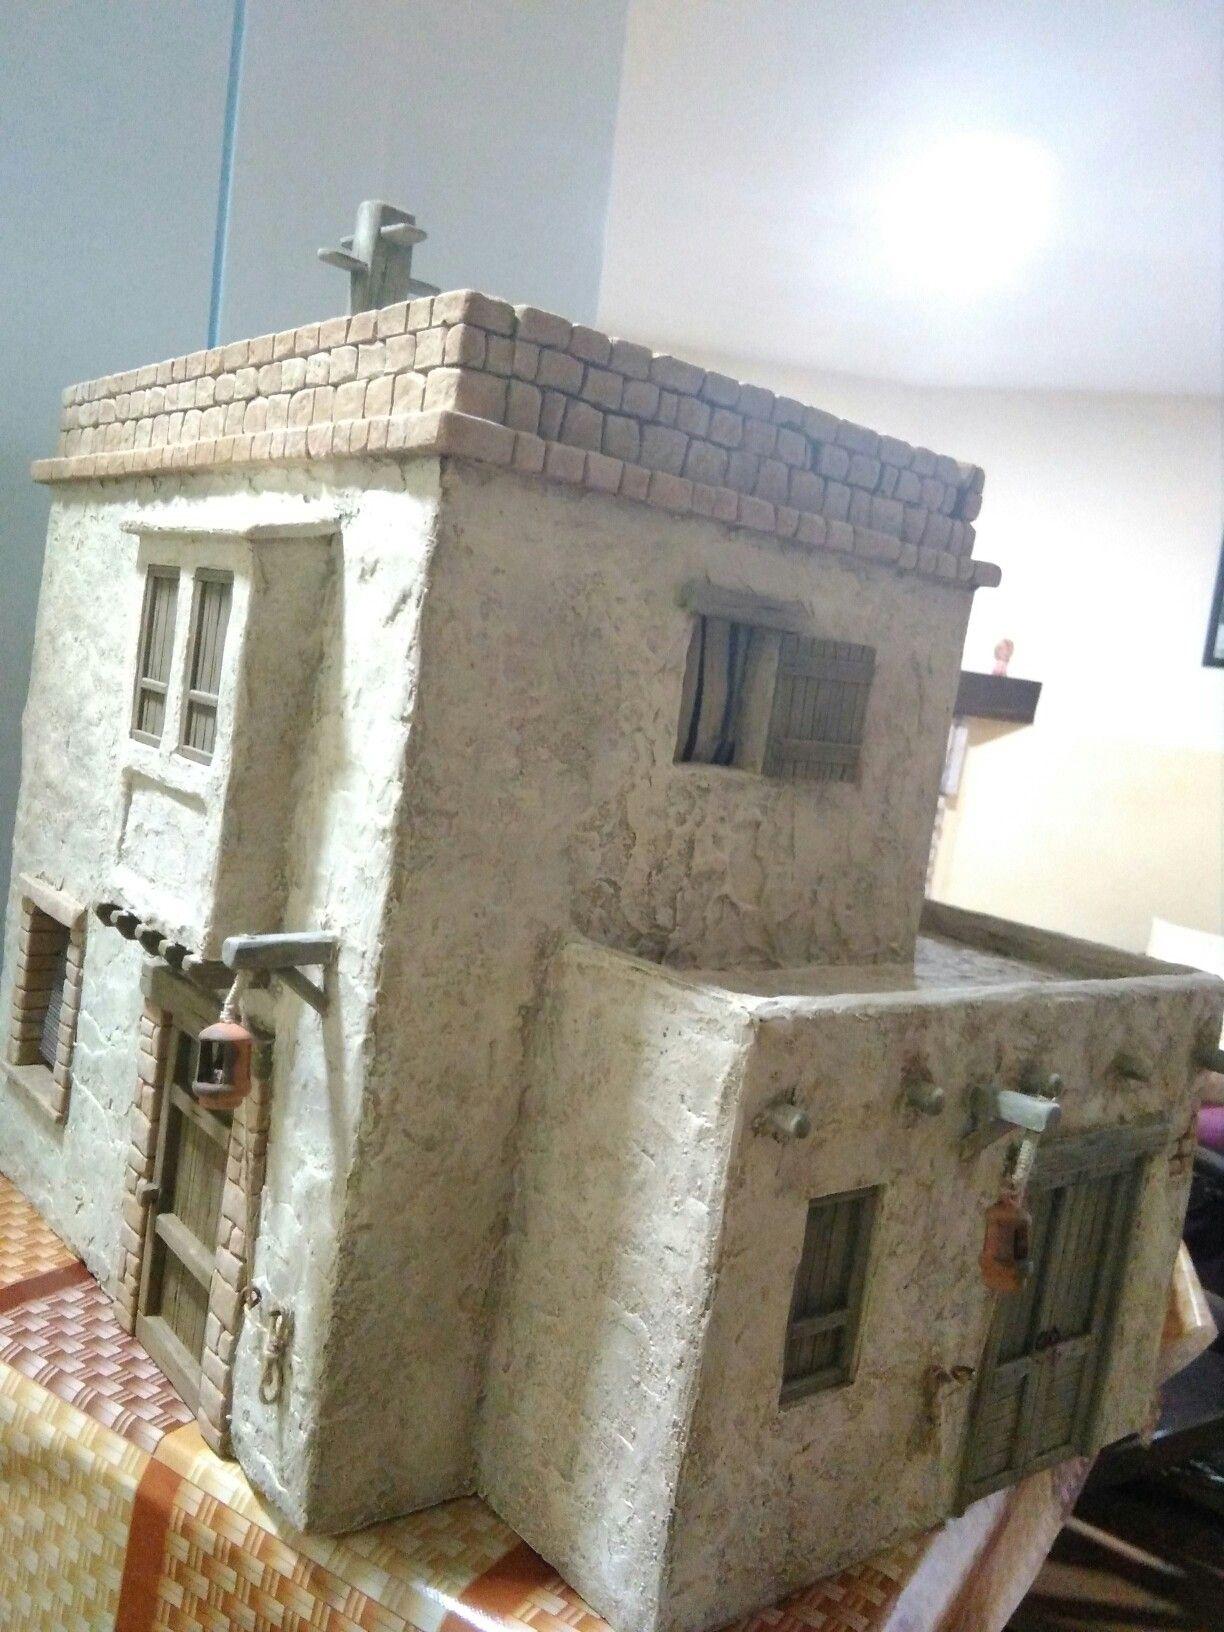 Casa Con Balcón Y Terraza Belenes Navideños Casas Para